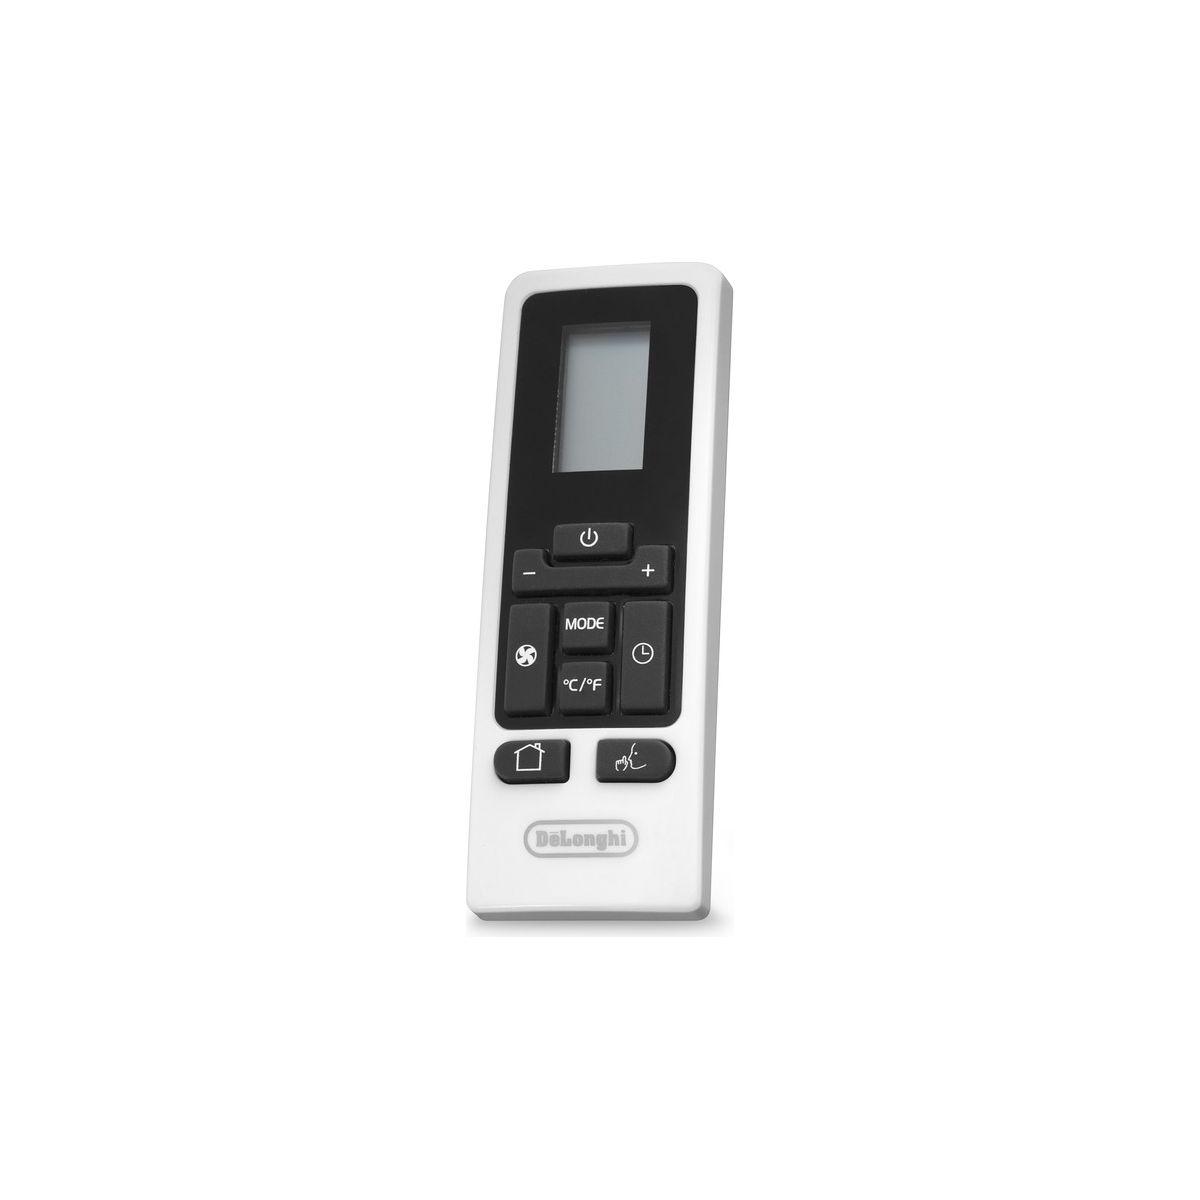 Delonghi pac we112eco climatiseur monobloc mobile 3100w - Climatiseur monobloc mobile ...